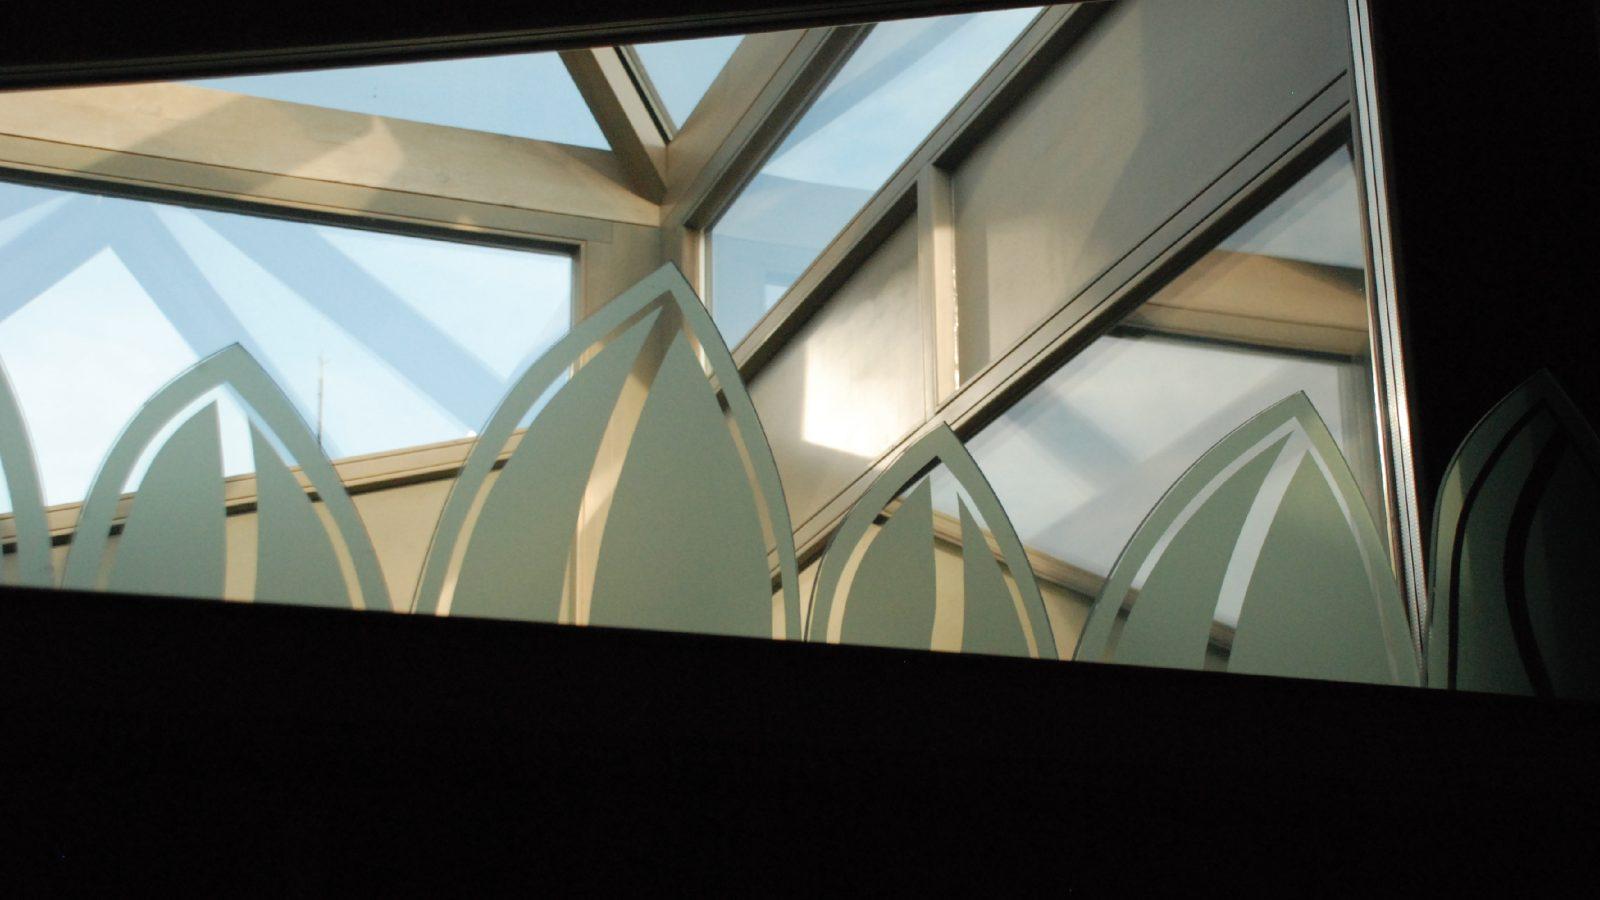 Buto interjeras m. k. čiurlionio gatvėje (Interjero dizainerė - Eglė Mieliauskienė, Egli Design)